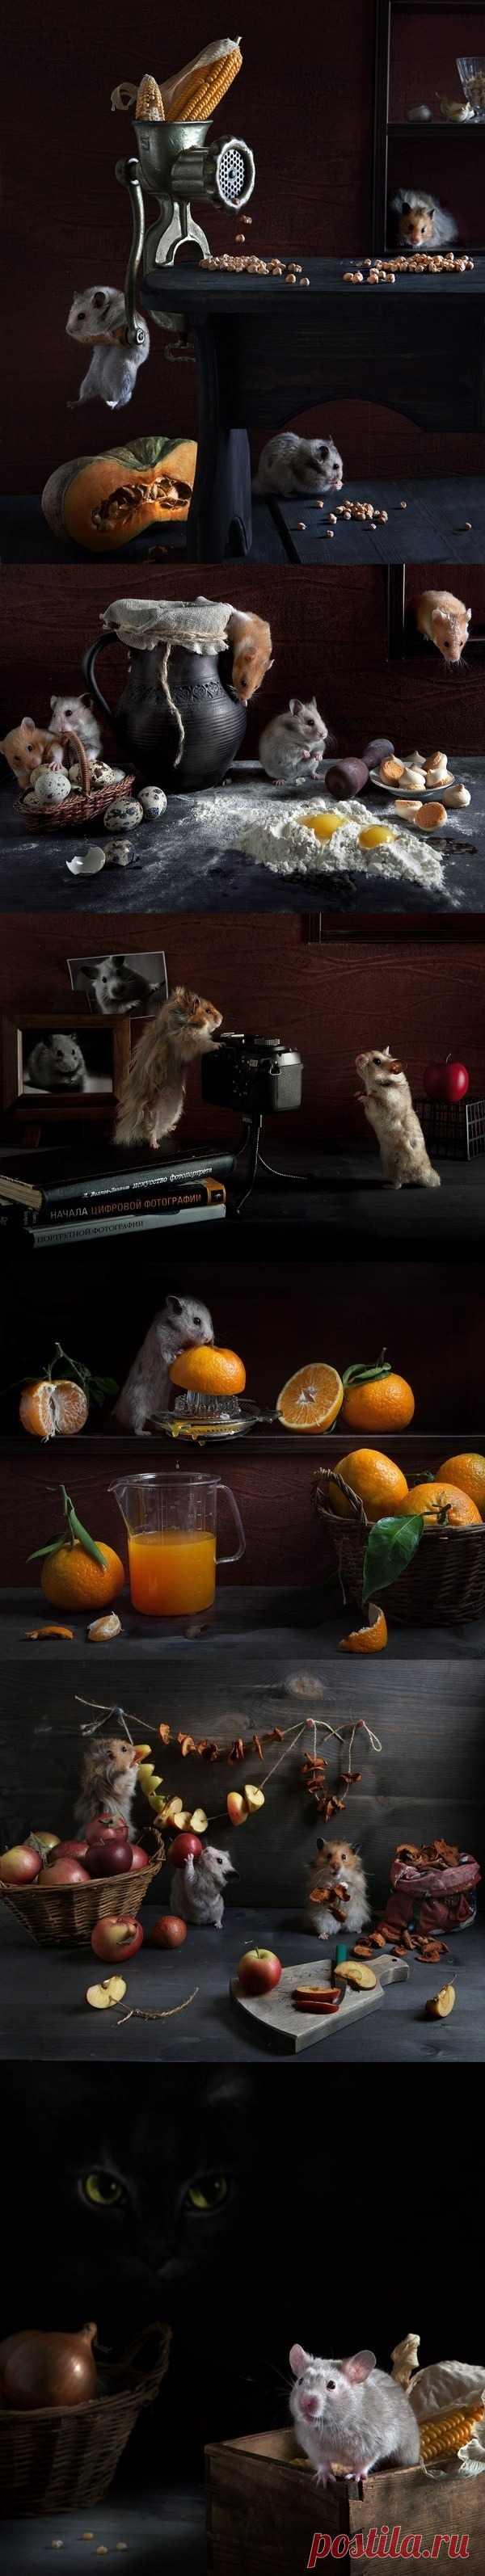 Креативная фотосессия «Тайная жизнь хомяков»